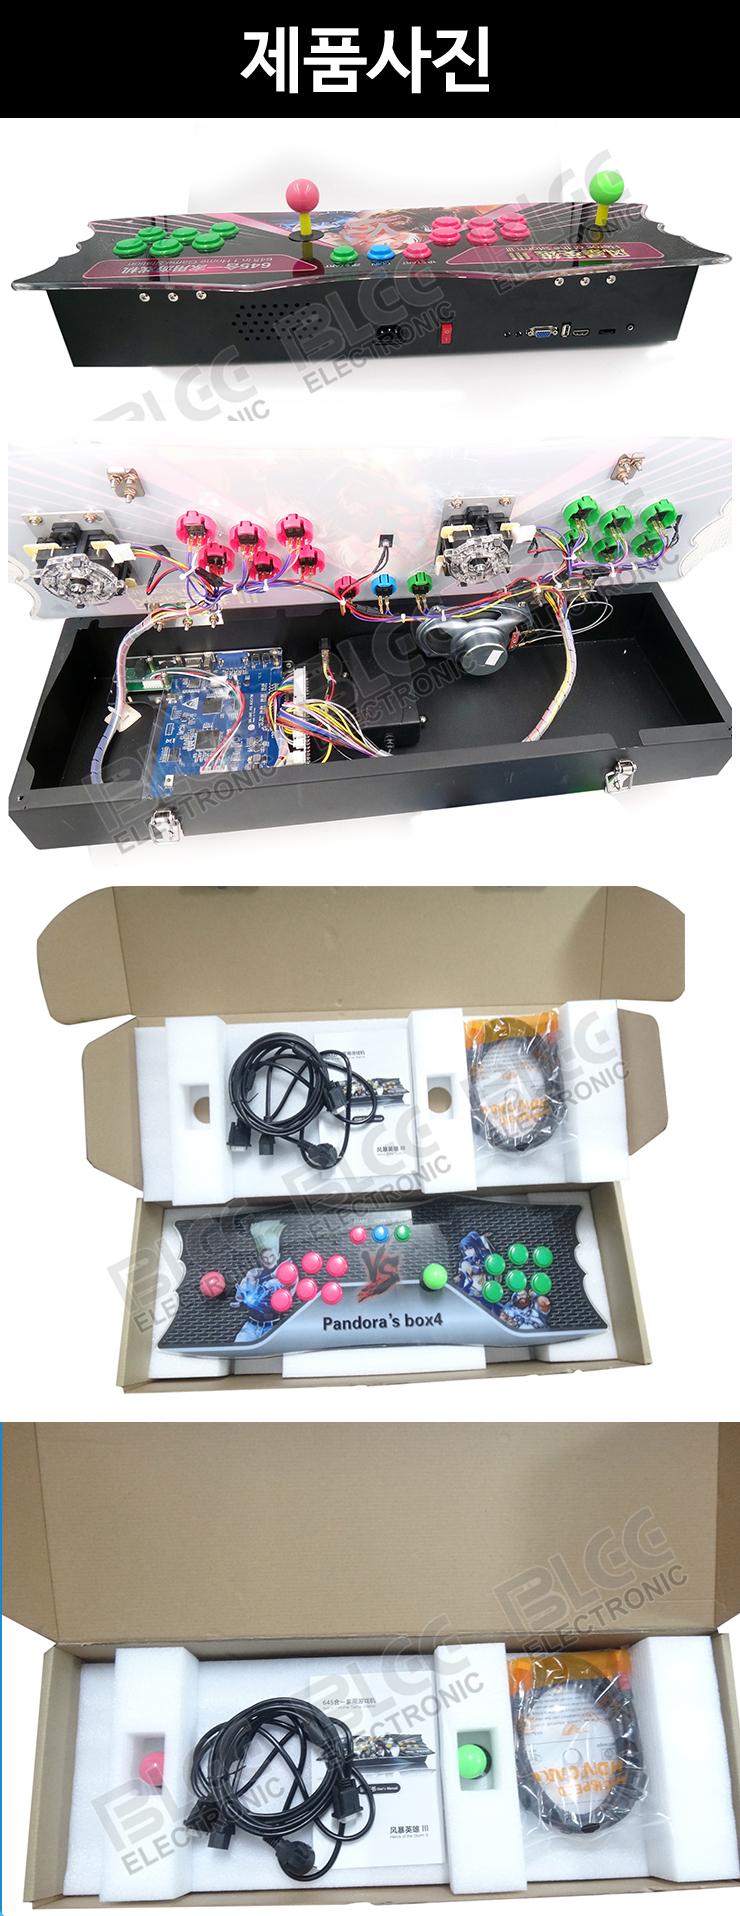 pandorabox-3.jpg